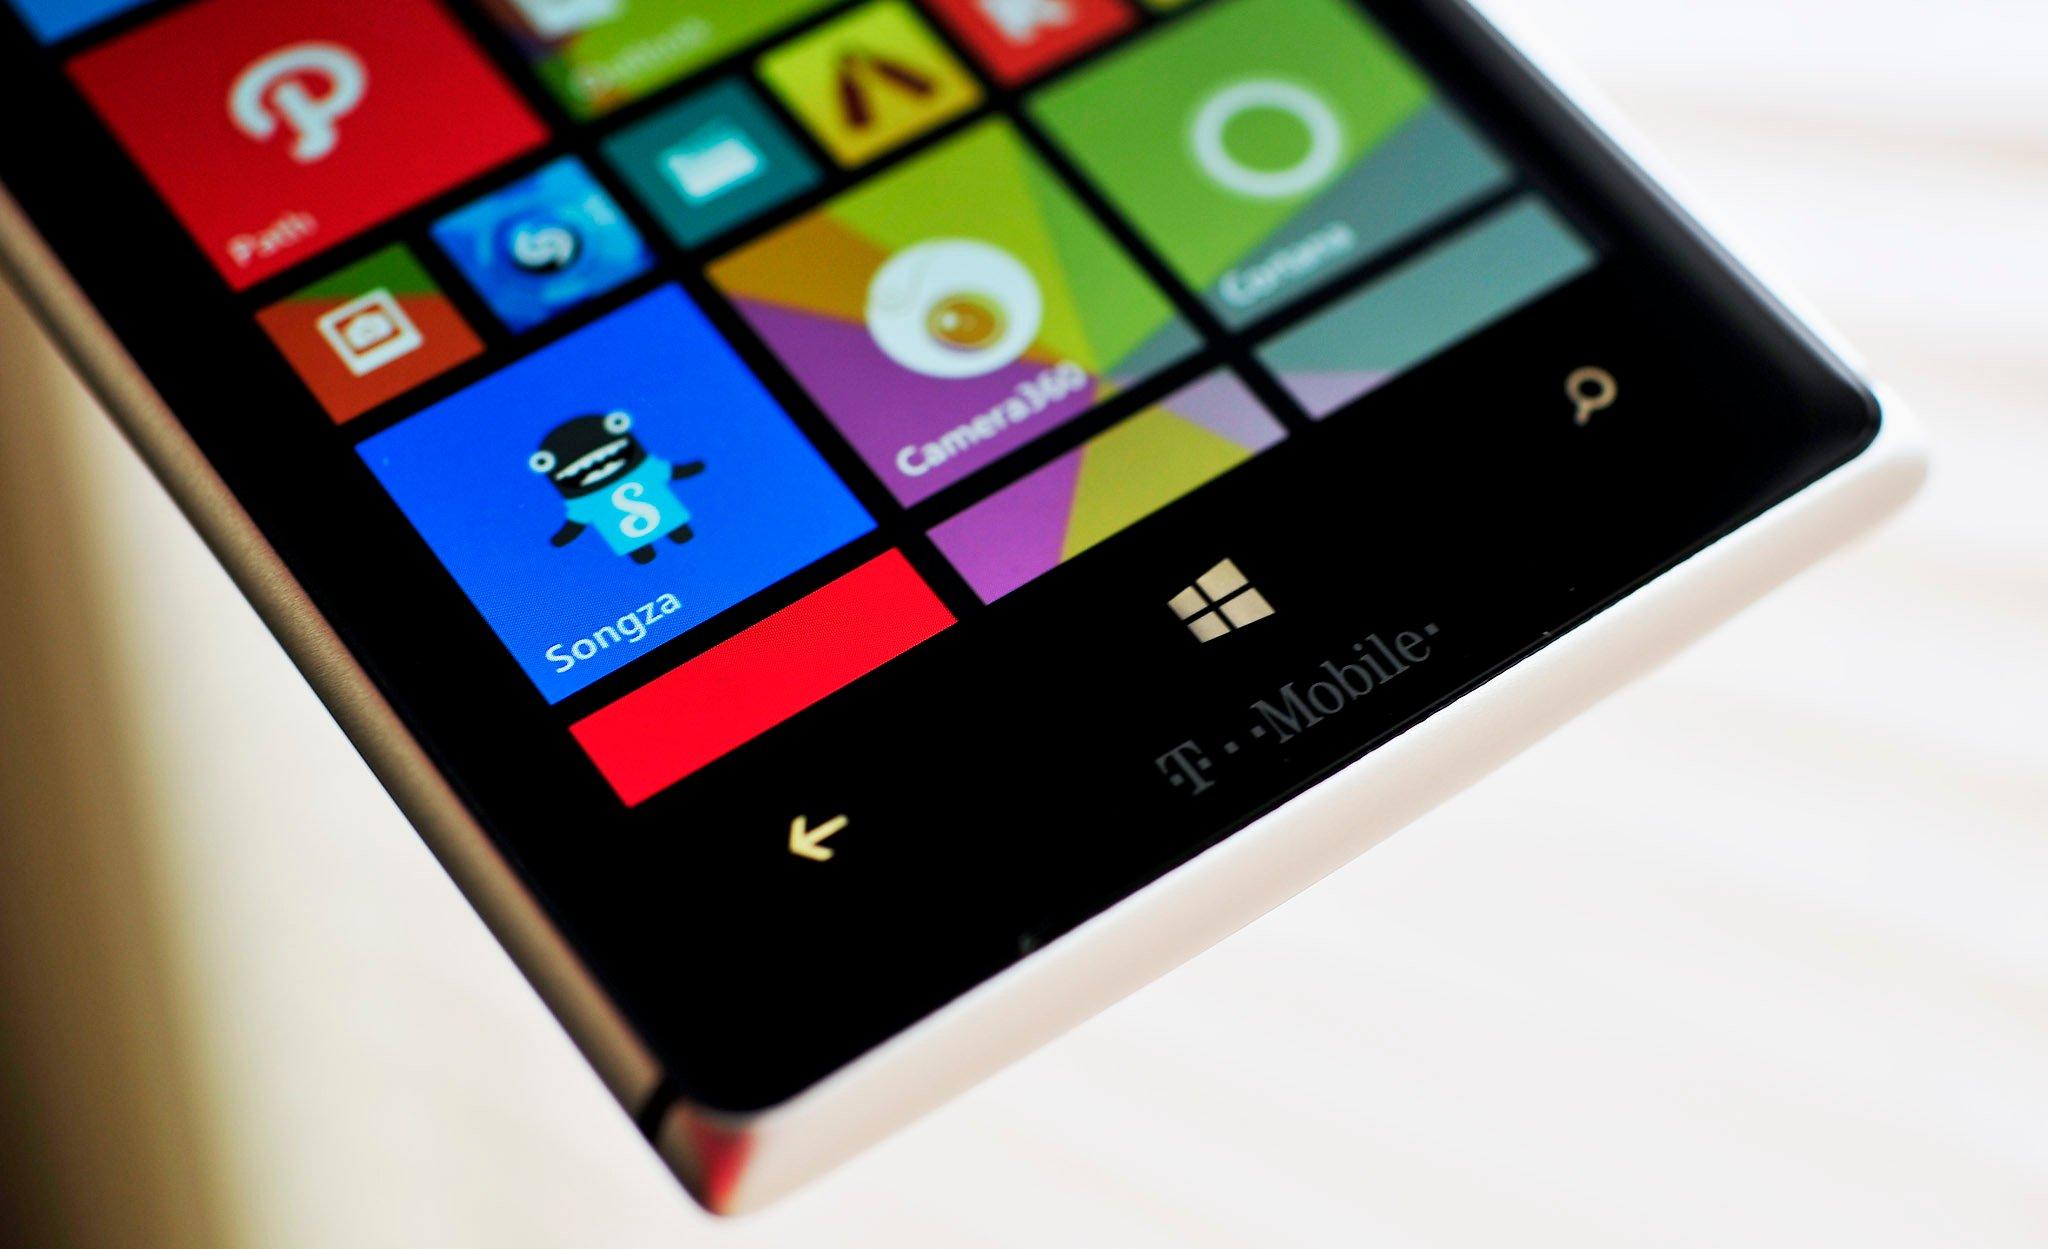 T mobile announces lumia 925 windows phone 8 1 update